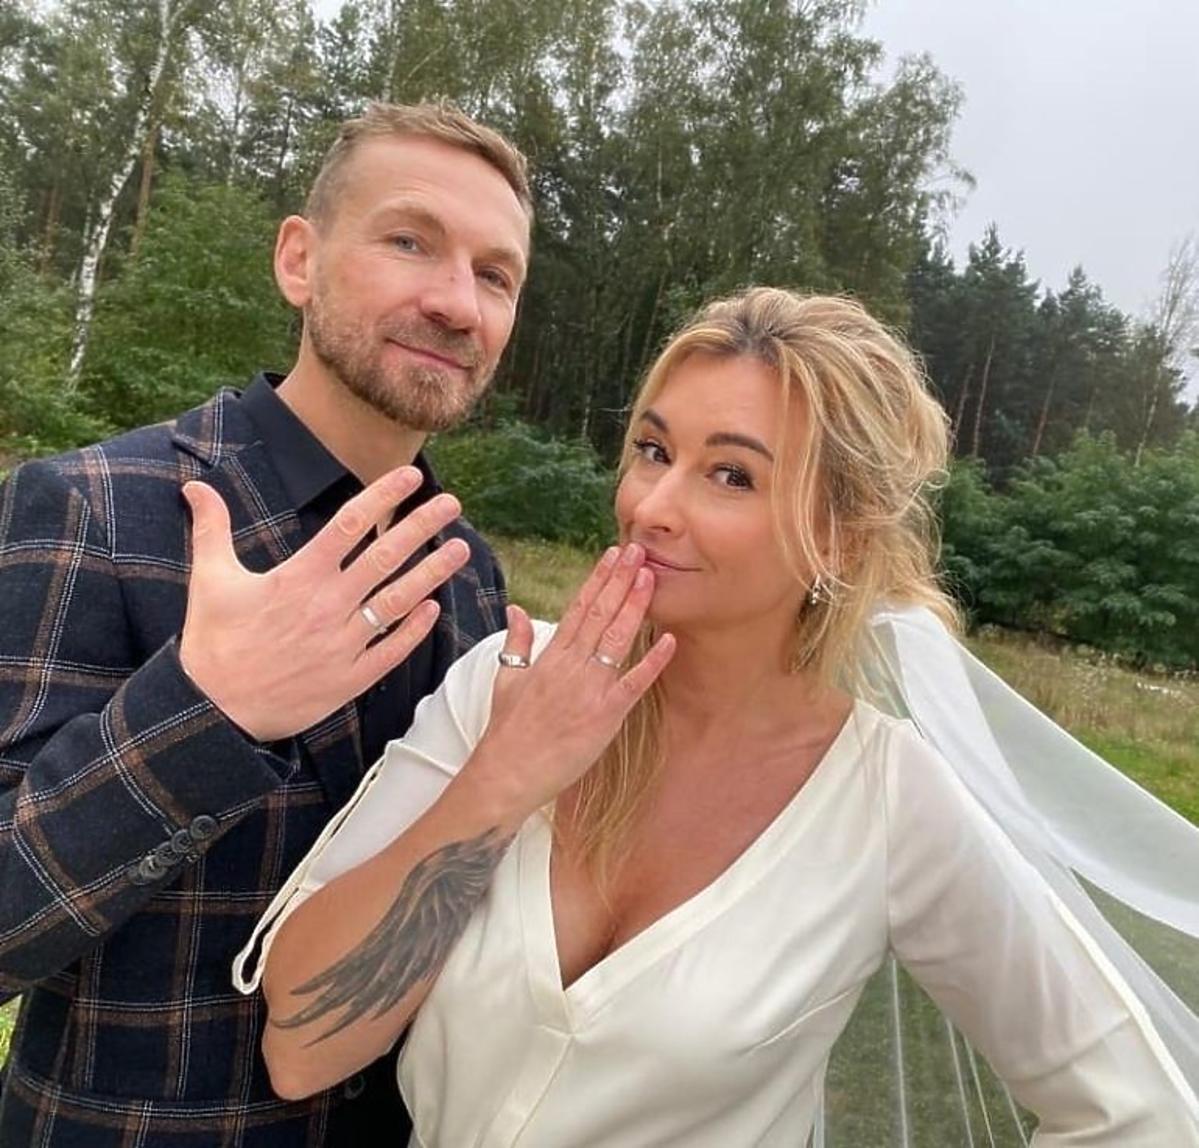 Przemysław Kossakowski i Martyna Wojciechowska wzięli ślub